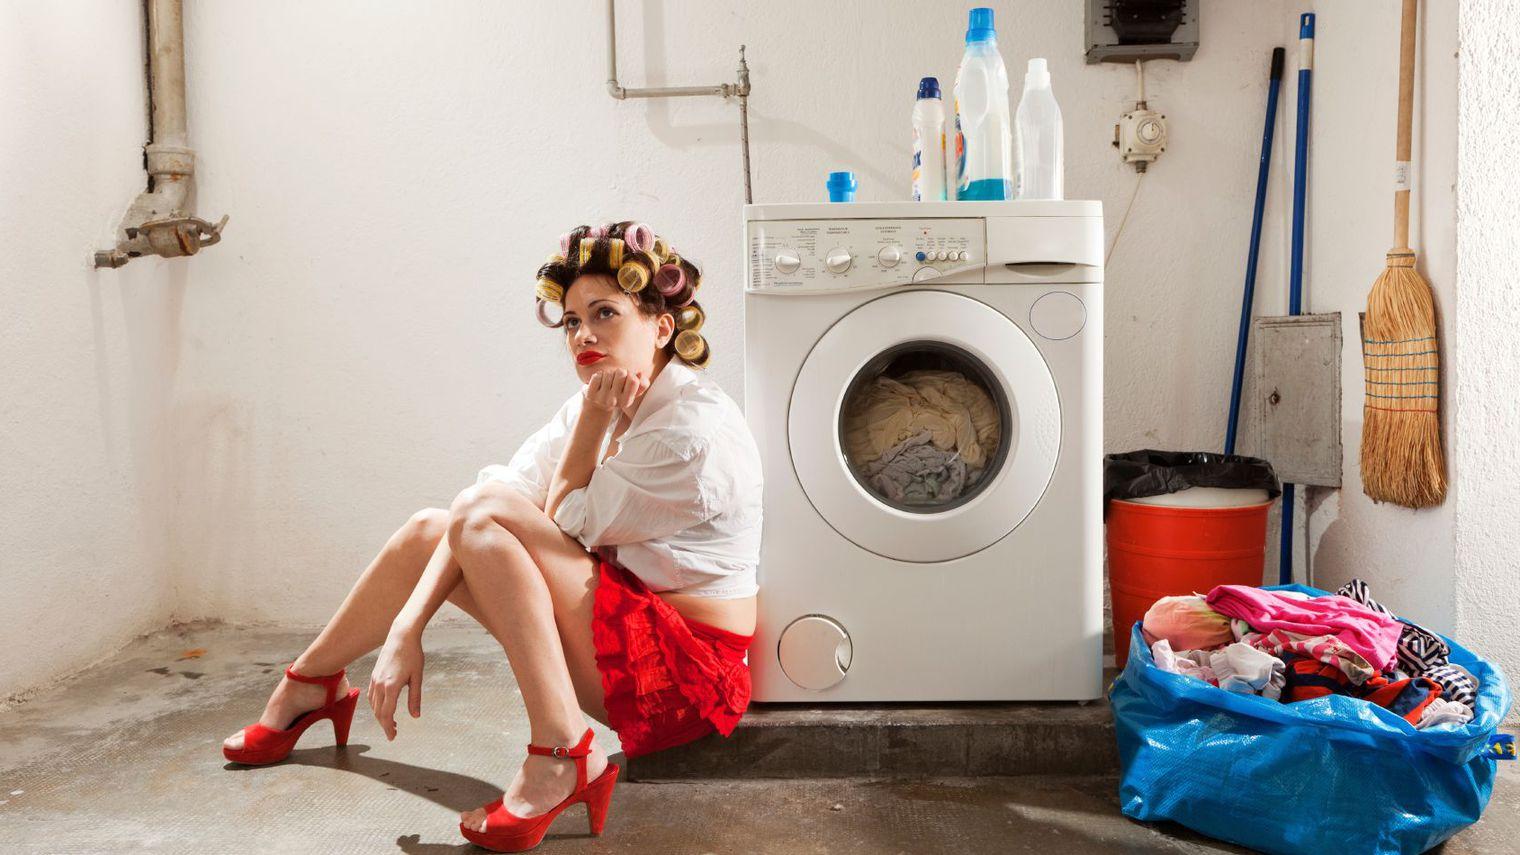 Сантехник и домохозяйка смешные картинки, открытки пригласительное день